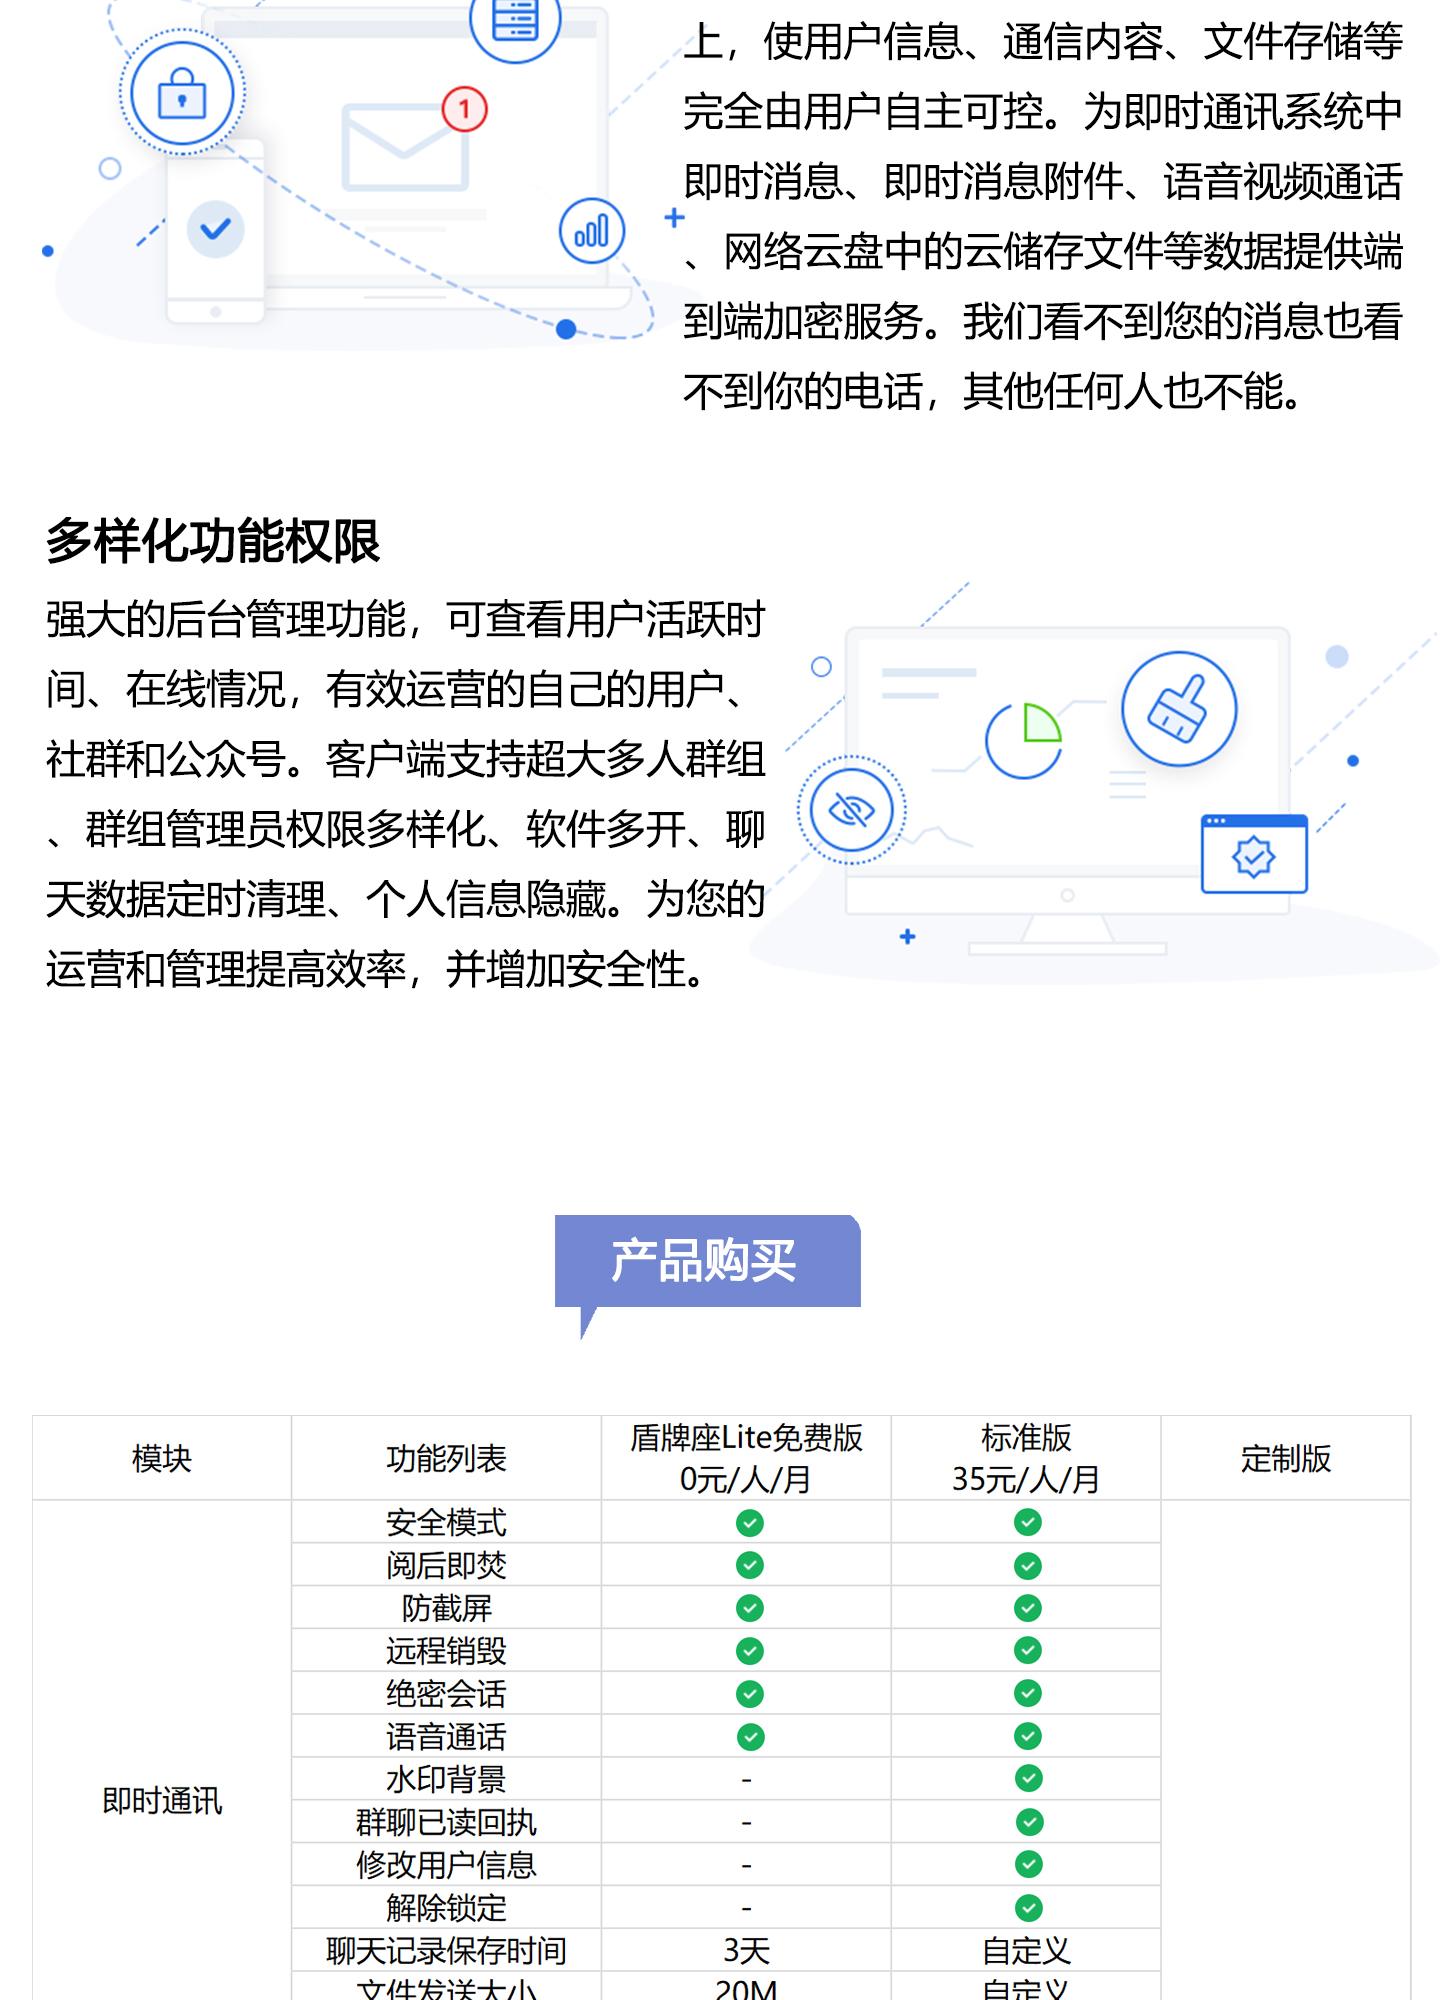 盾牌座——军工级私有化隐私保护通讯工具1440_03.jpg